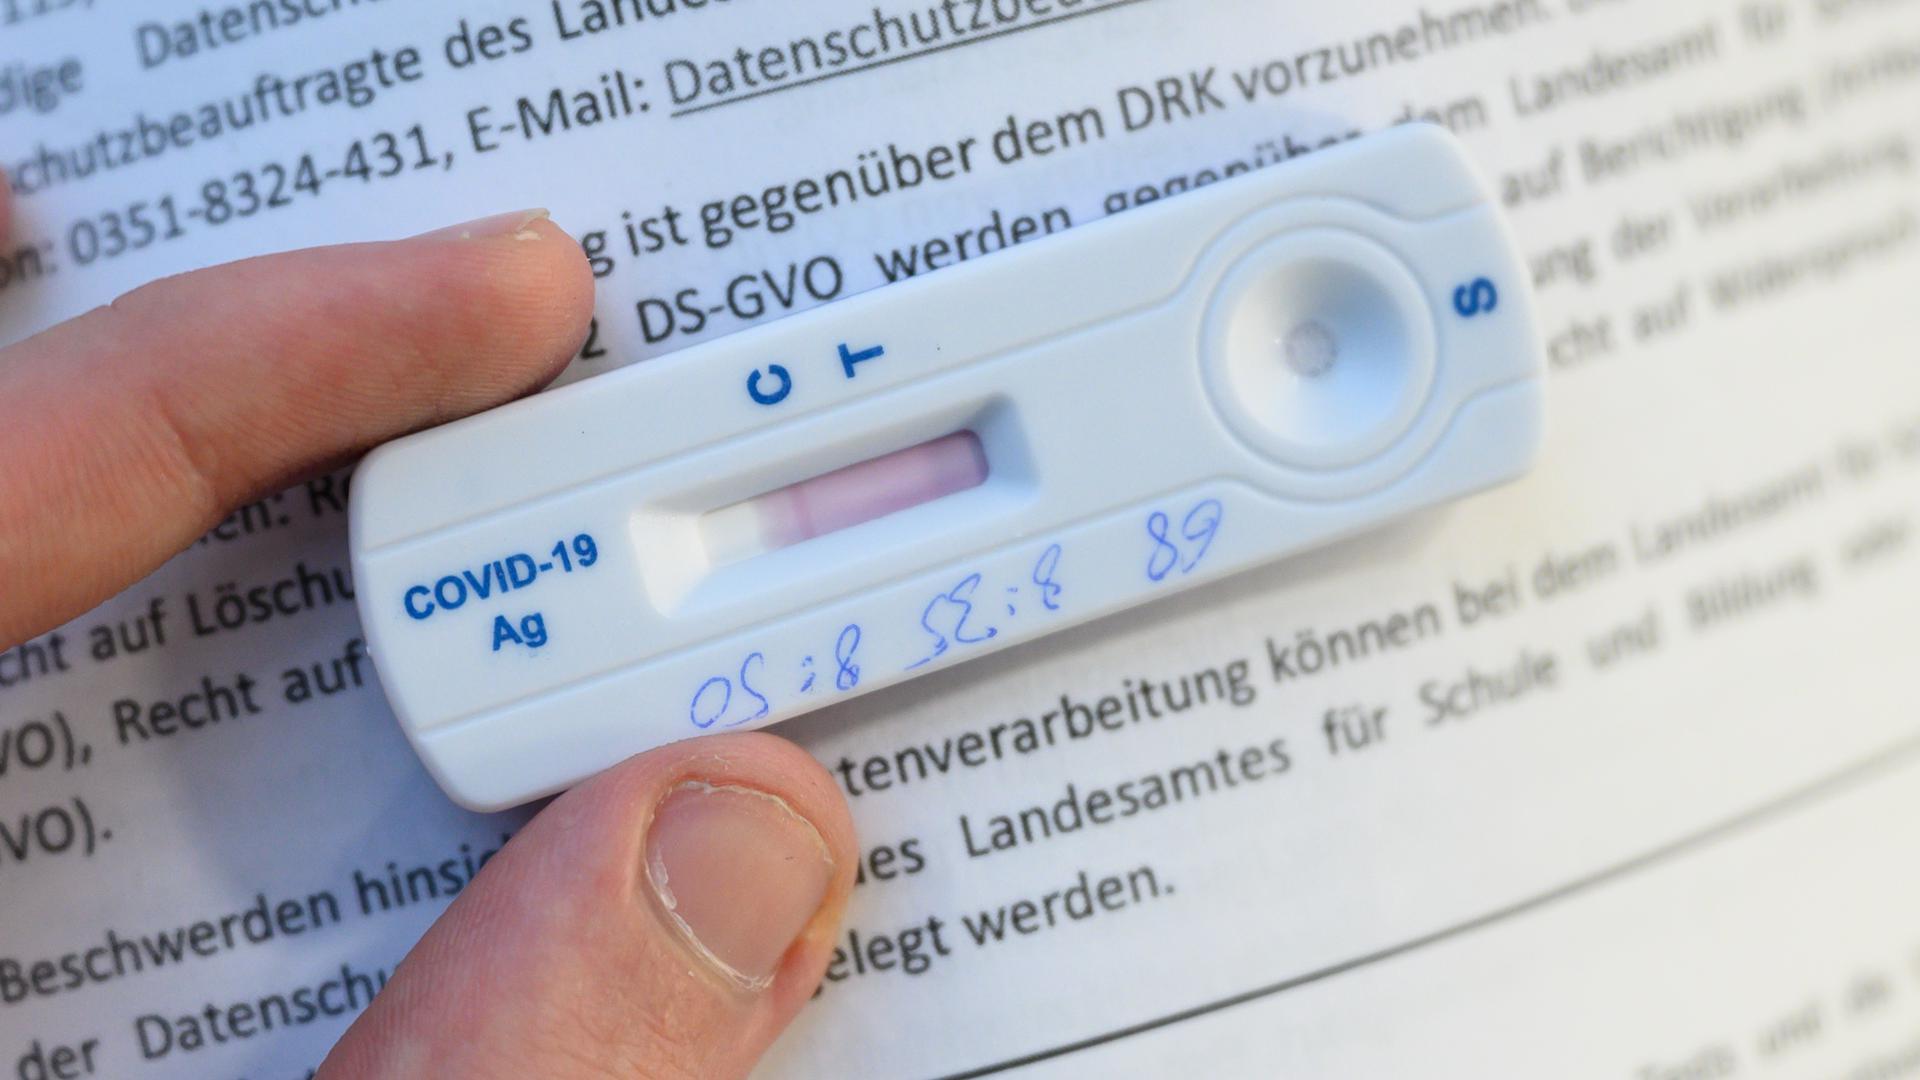 Schnelle Prüfung ohne fremde Hilfe: Corona-Heimtests für Laien sind in Österreich schon weit verbreitet. Ab März sollen solche Tests auch in Deutschland in Apotheken und dem Einzelhandel verkauft werden.